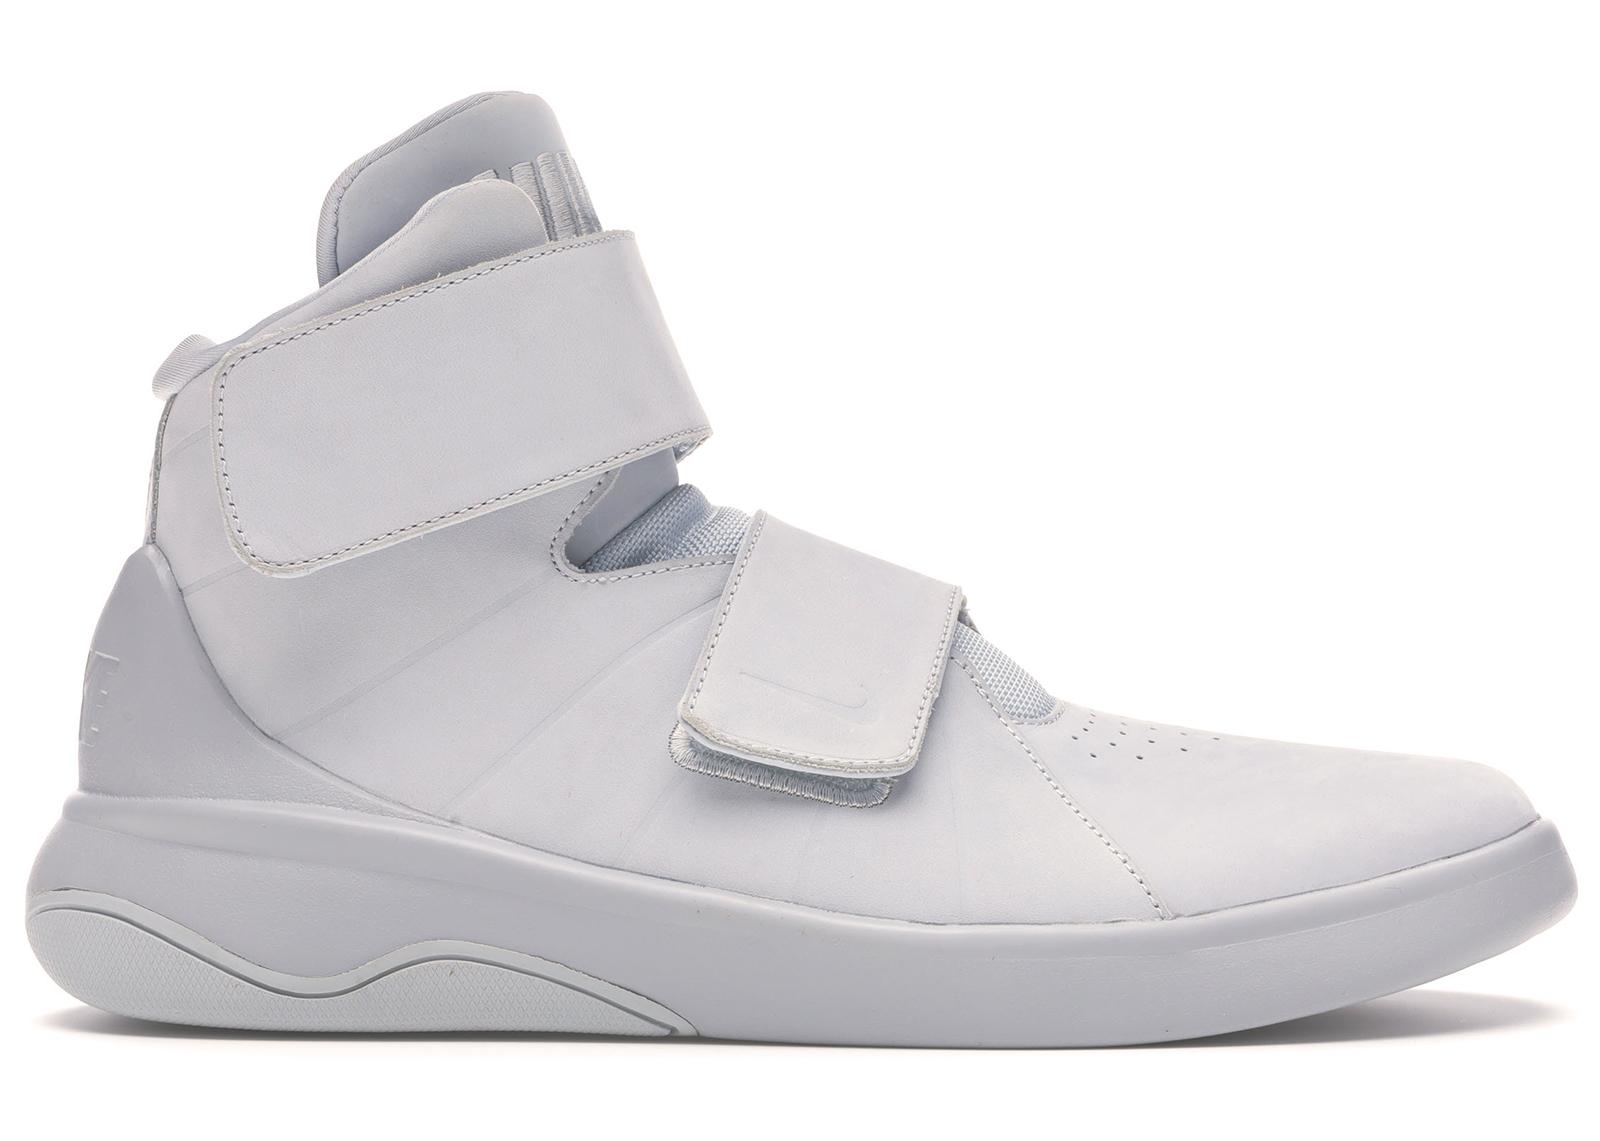 Nike Marxman Prm Pure Platinum/Pure